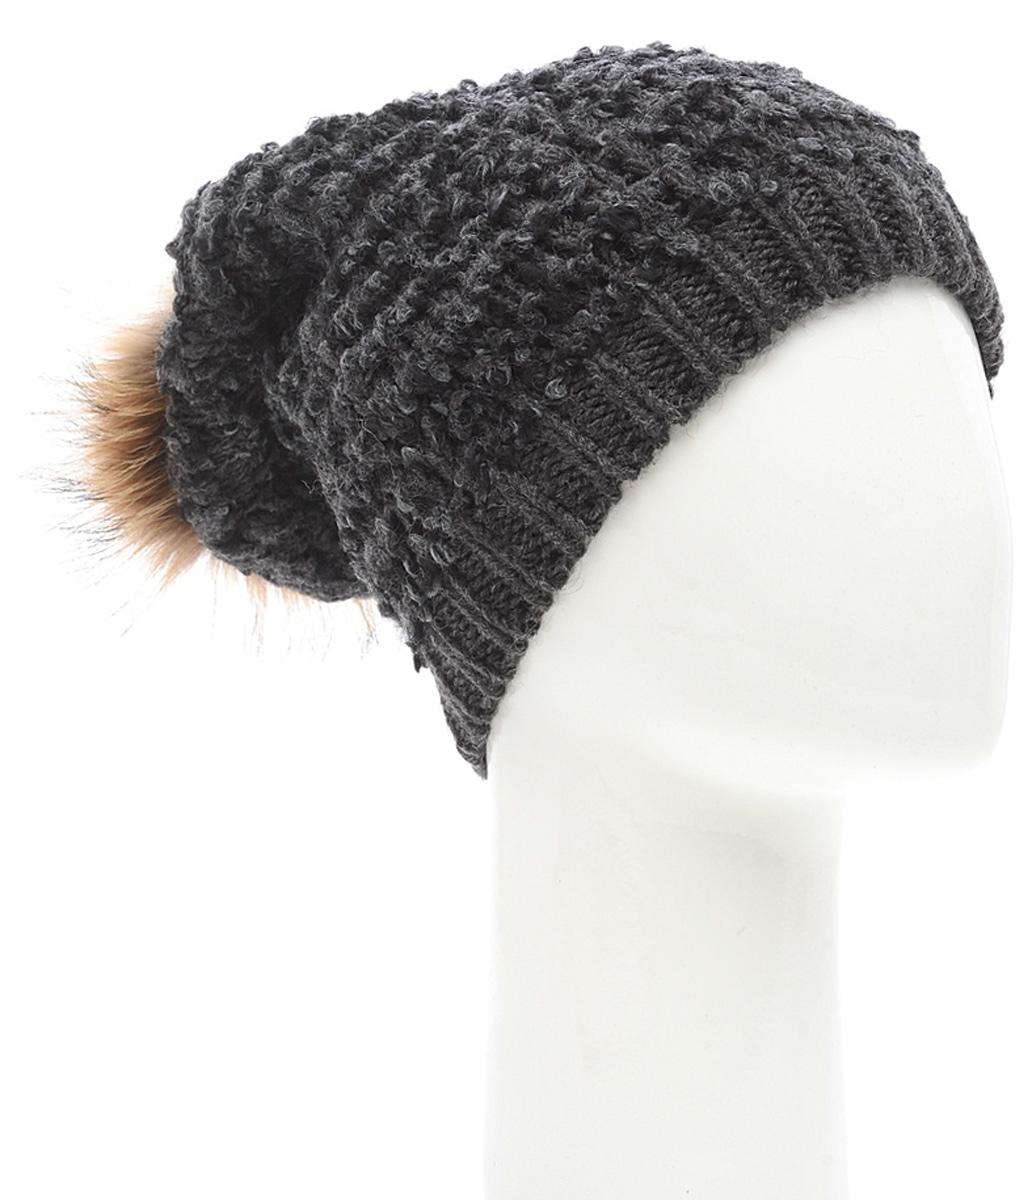 Шапка женская Marhatter, цвет: темно-серый. Размер 56/58. MWH6962/2MWH6962/2Стильная шапка с помпоном из натурального меха, выполнена из ангоровой пряжи. Модель очень актуальна для тех, кто ценит комфорт, стиль и красоту.